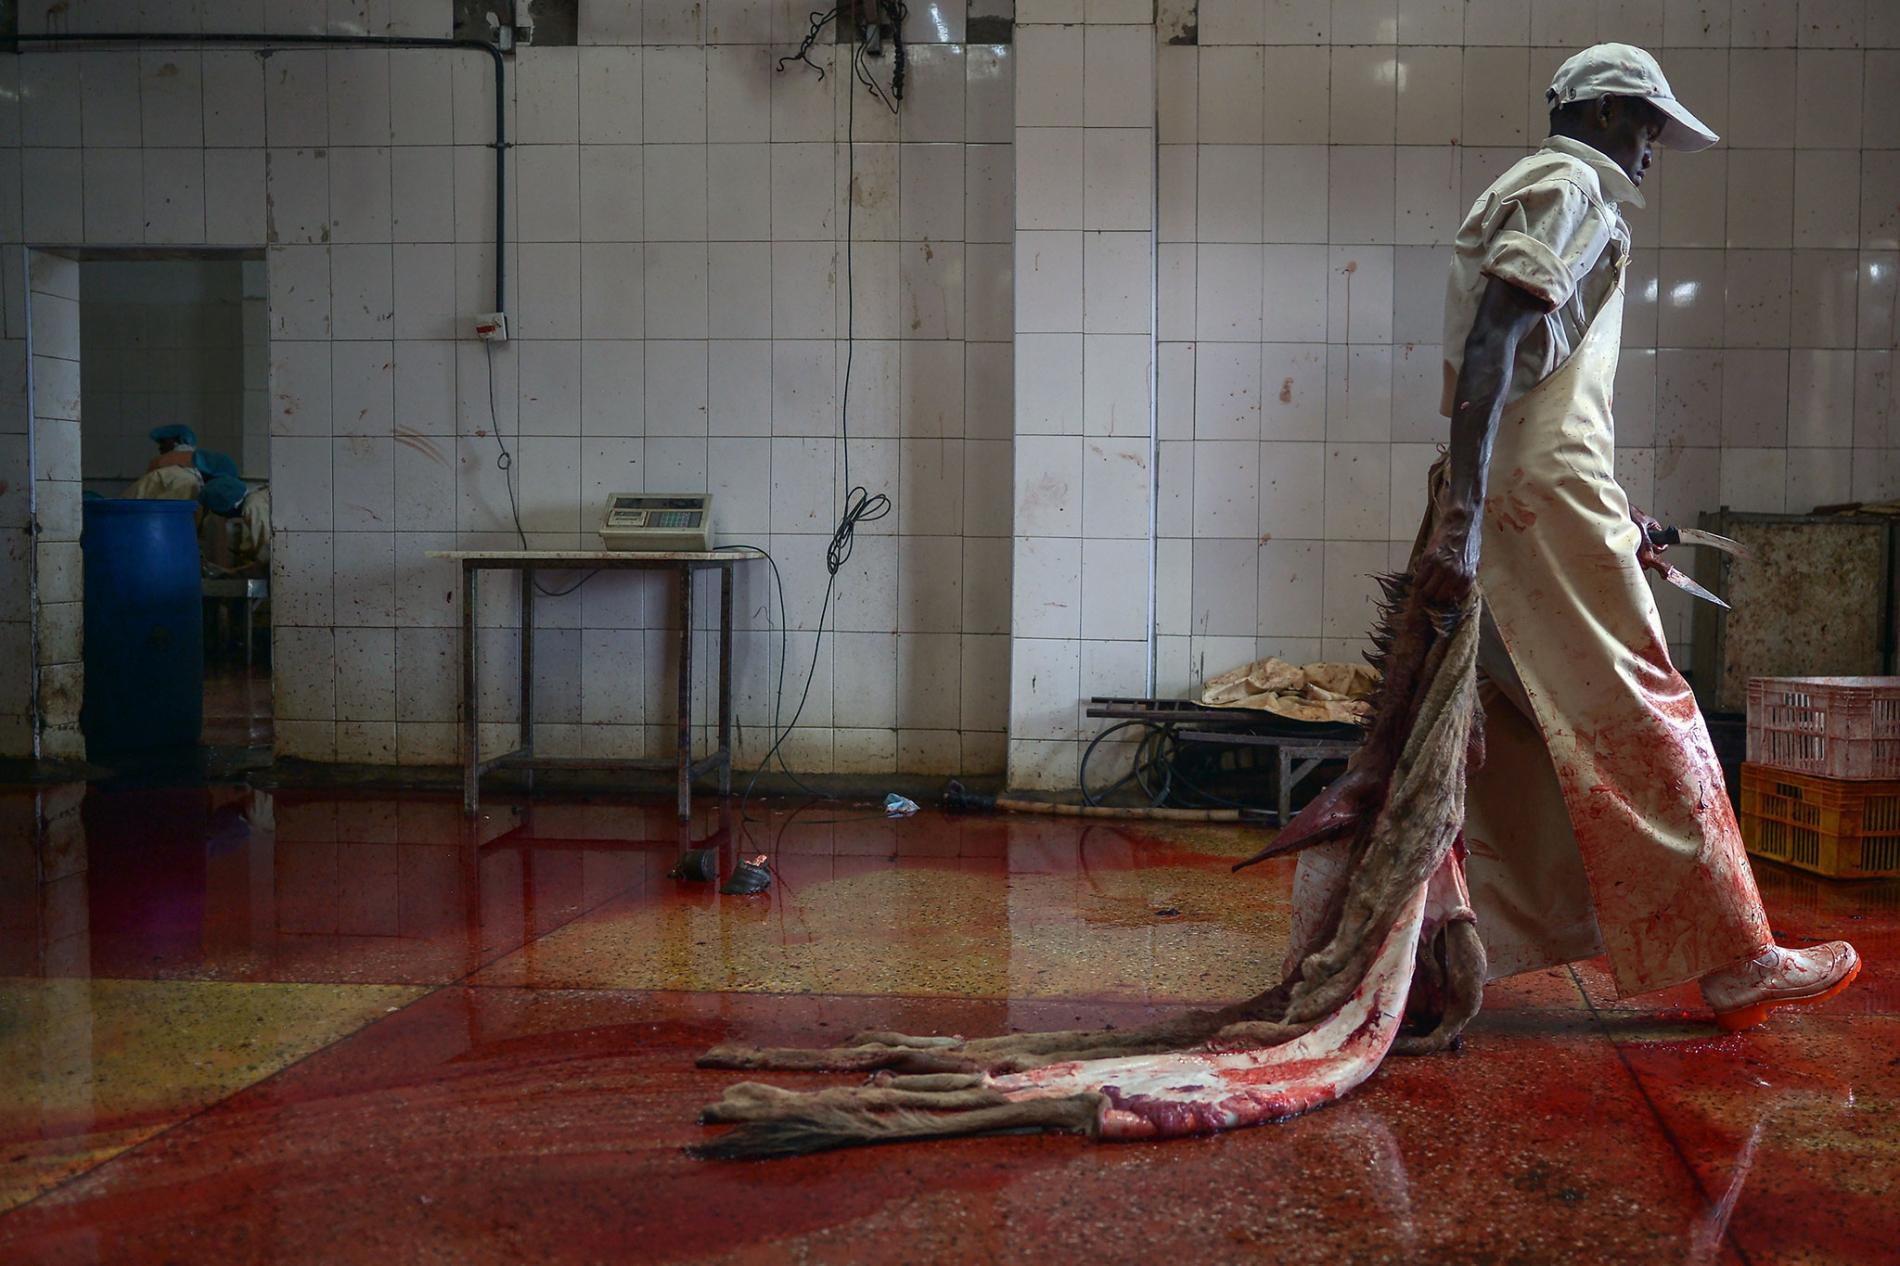 1.中國將驢皮用於製作傳統藥物,但因為該國的驢子數量不足,所以提高從國外進口驢皮的數量。這裡是肯亞一間已獲許可的驢子屠宰場,一名工人拖著一張將要處理的驢皮。 2. PHOTOGRAPH BY TONY KARUMBA, AFP/GETTY